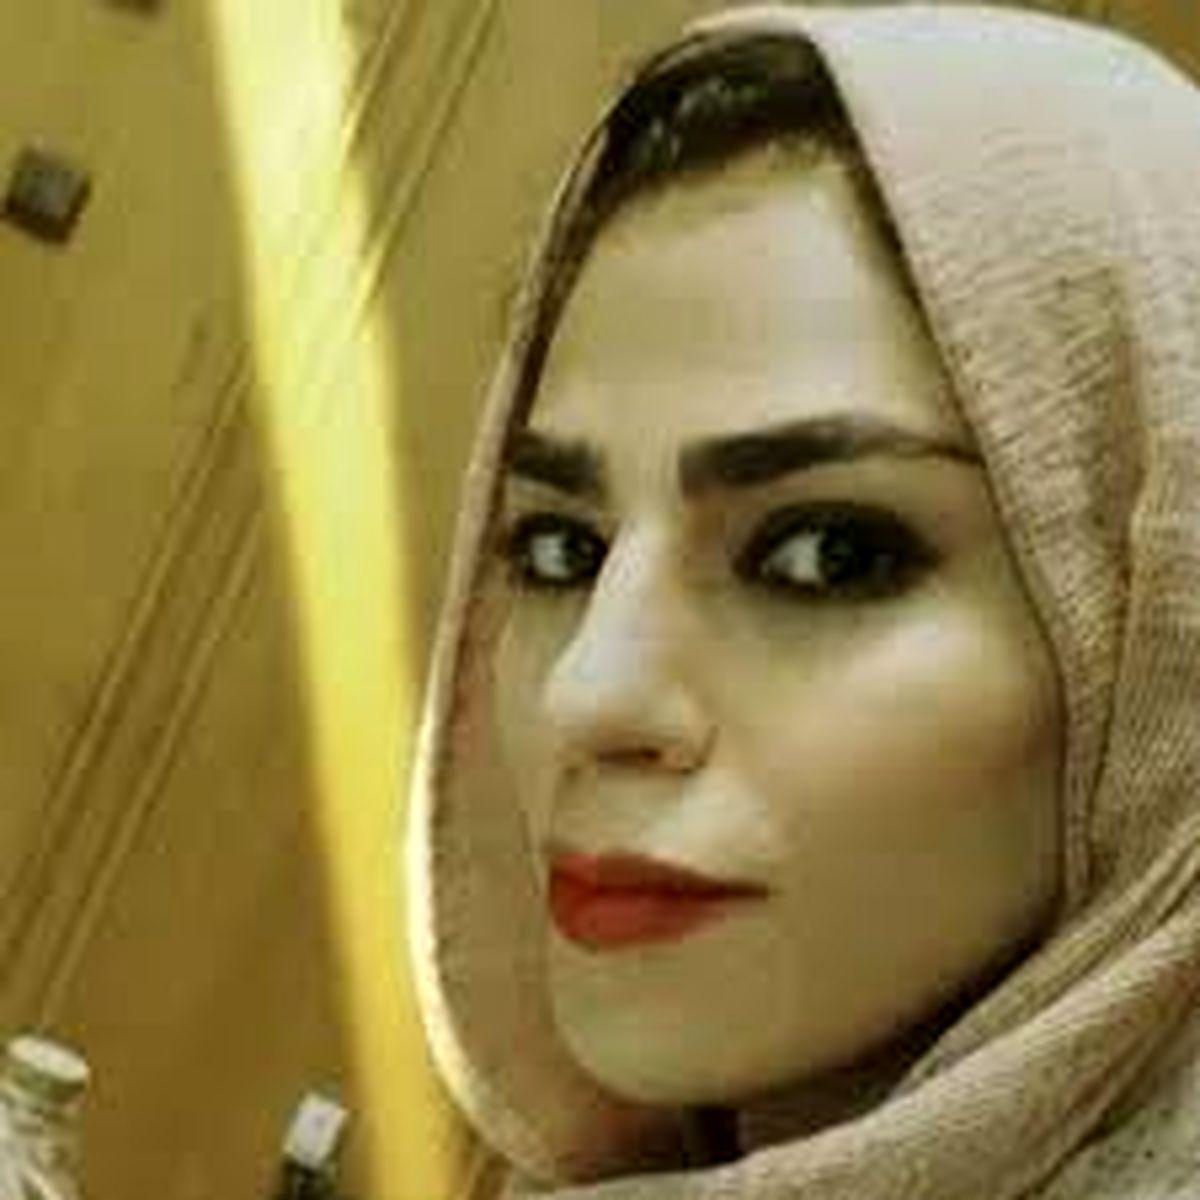 خطاب به دخترانِ مرکز خریدِ لیدوما در شهرک غربِ تهران